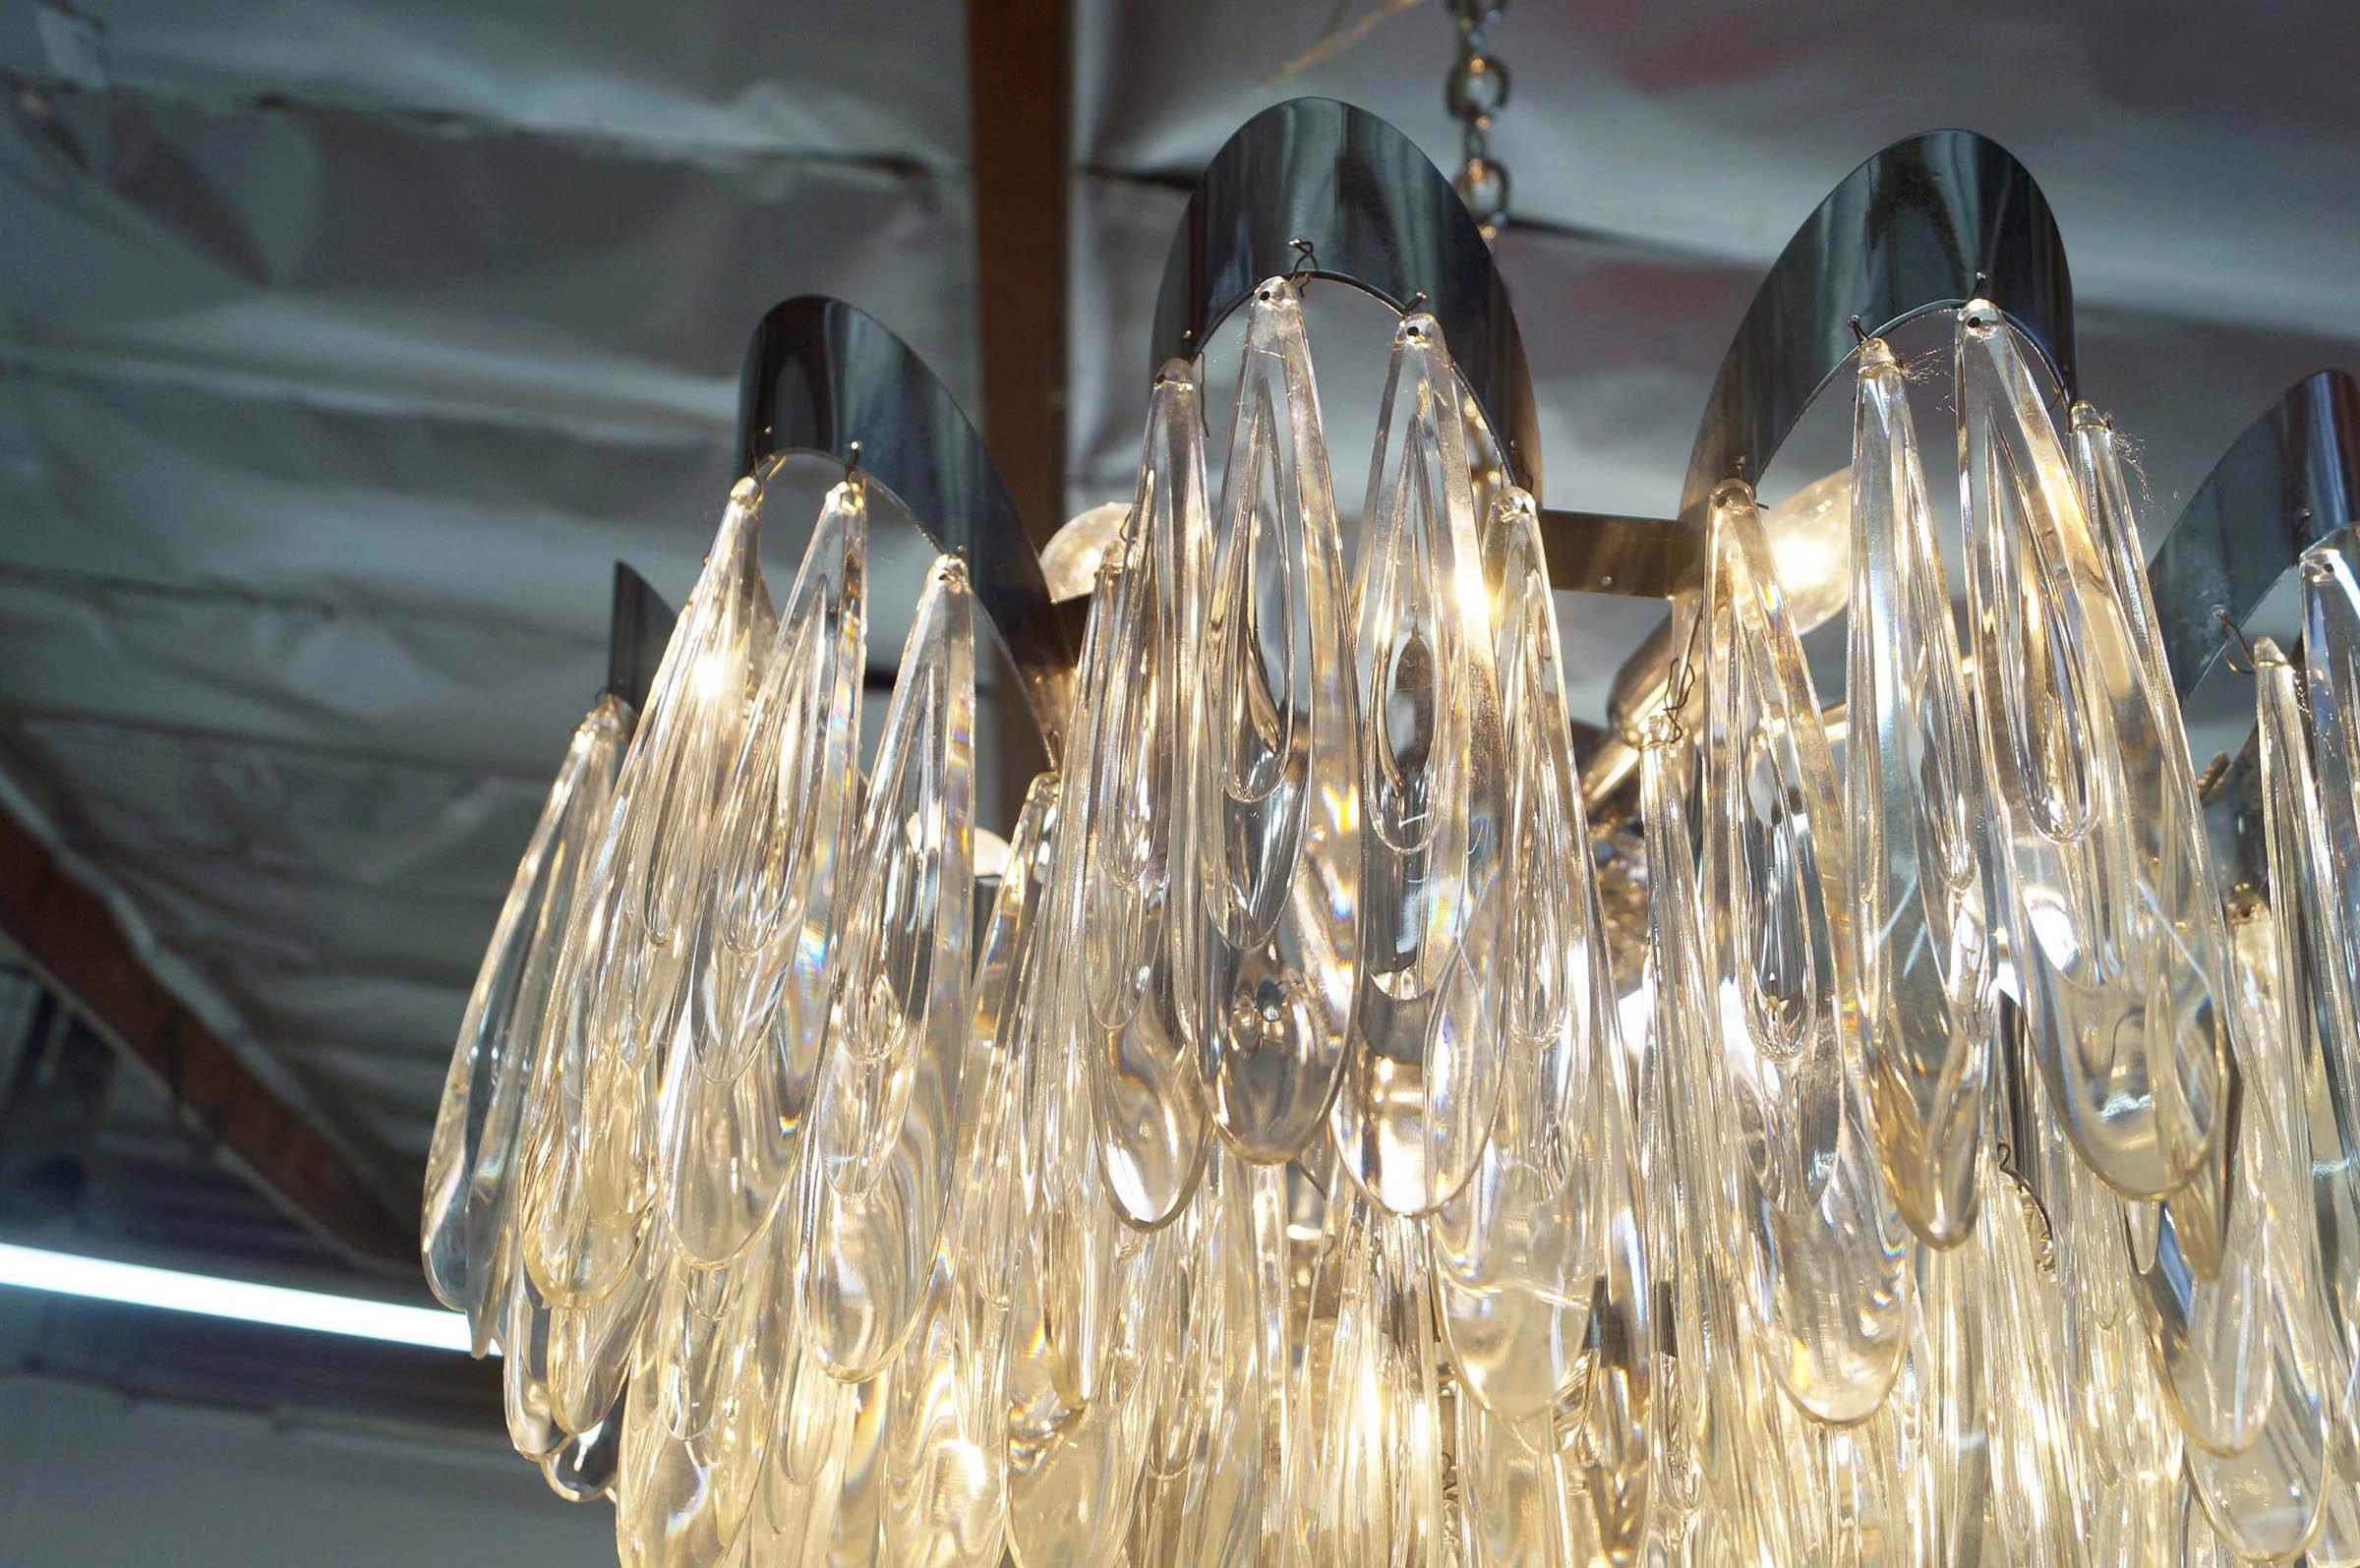 Vintage Crystal Raindrops Chandelier